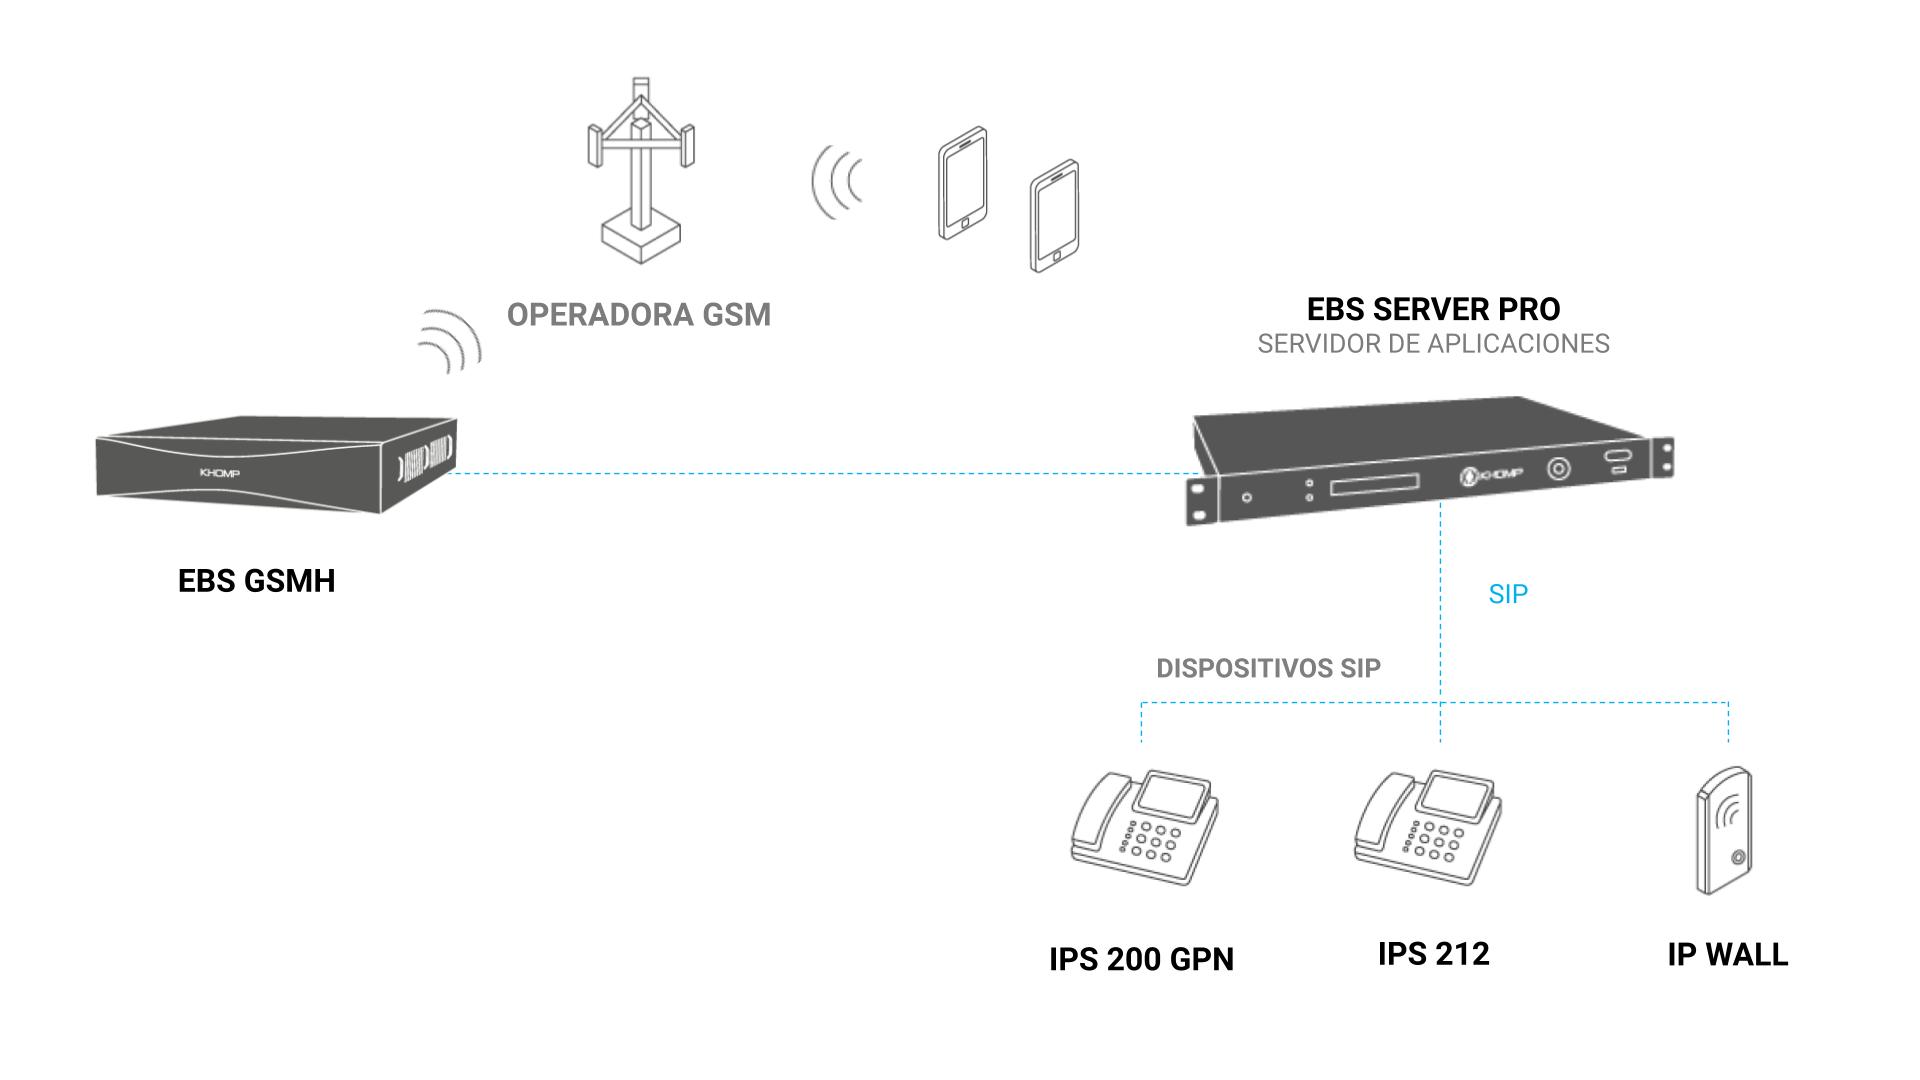 Modelo de Aplicación - EBS GSMH